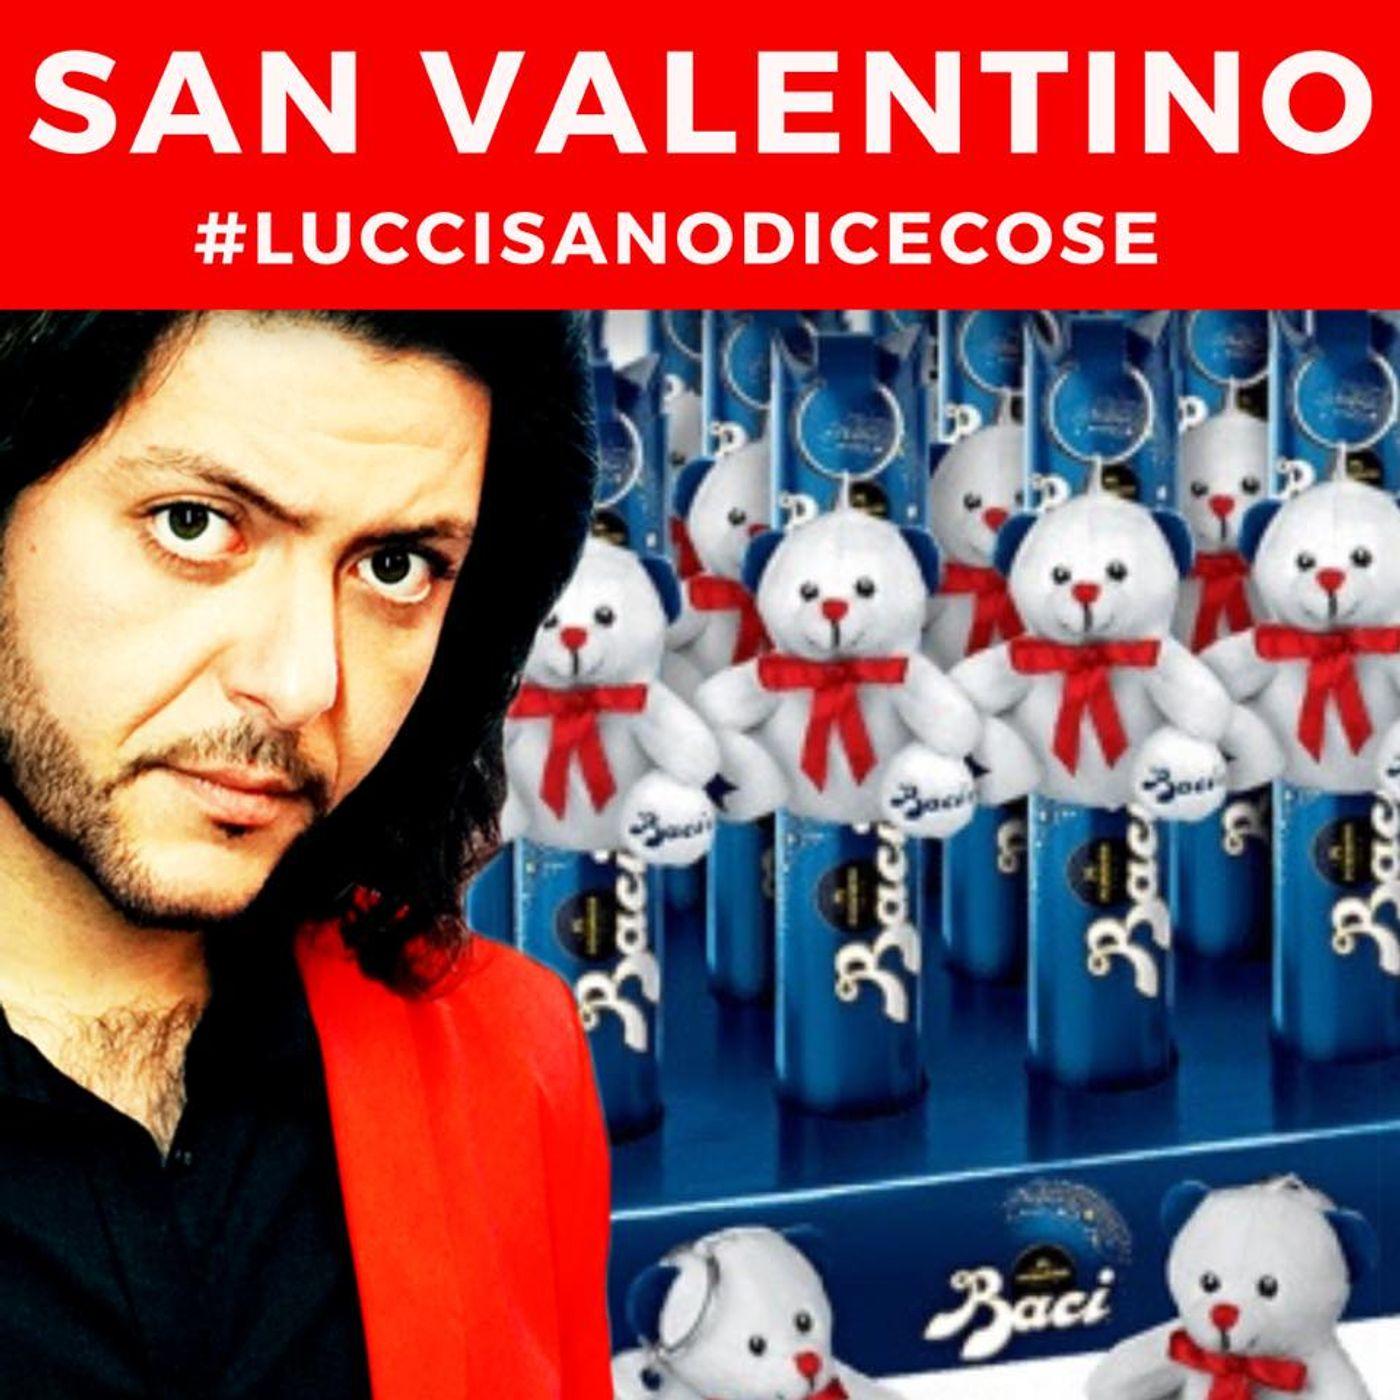 San Valentino by Emiliano Luccisano